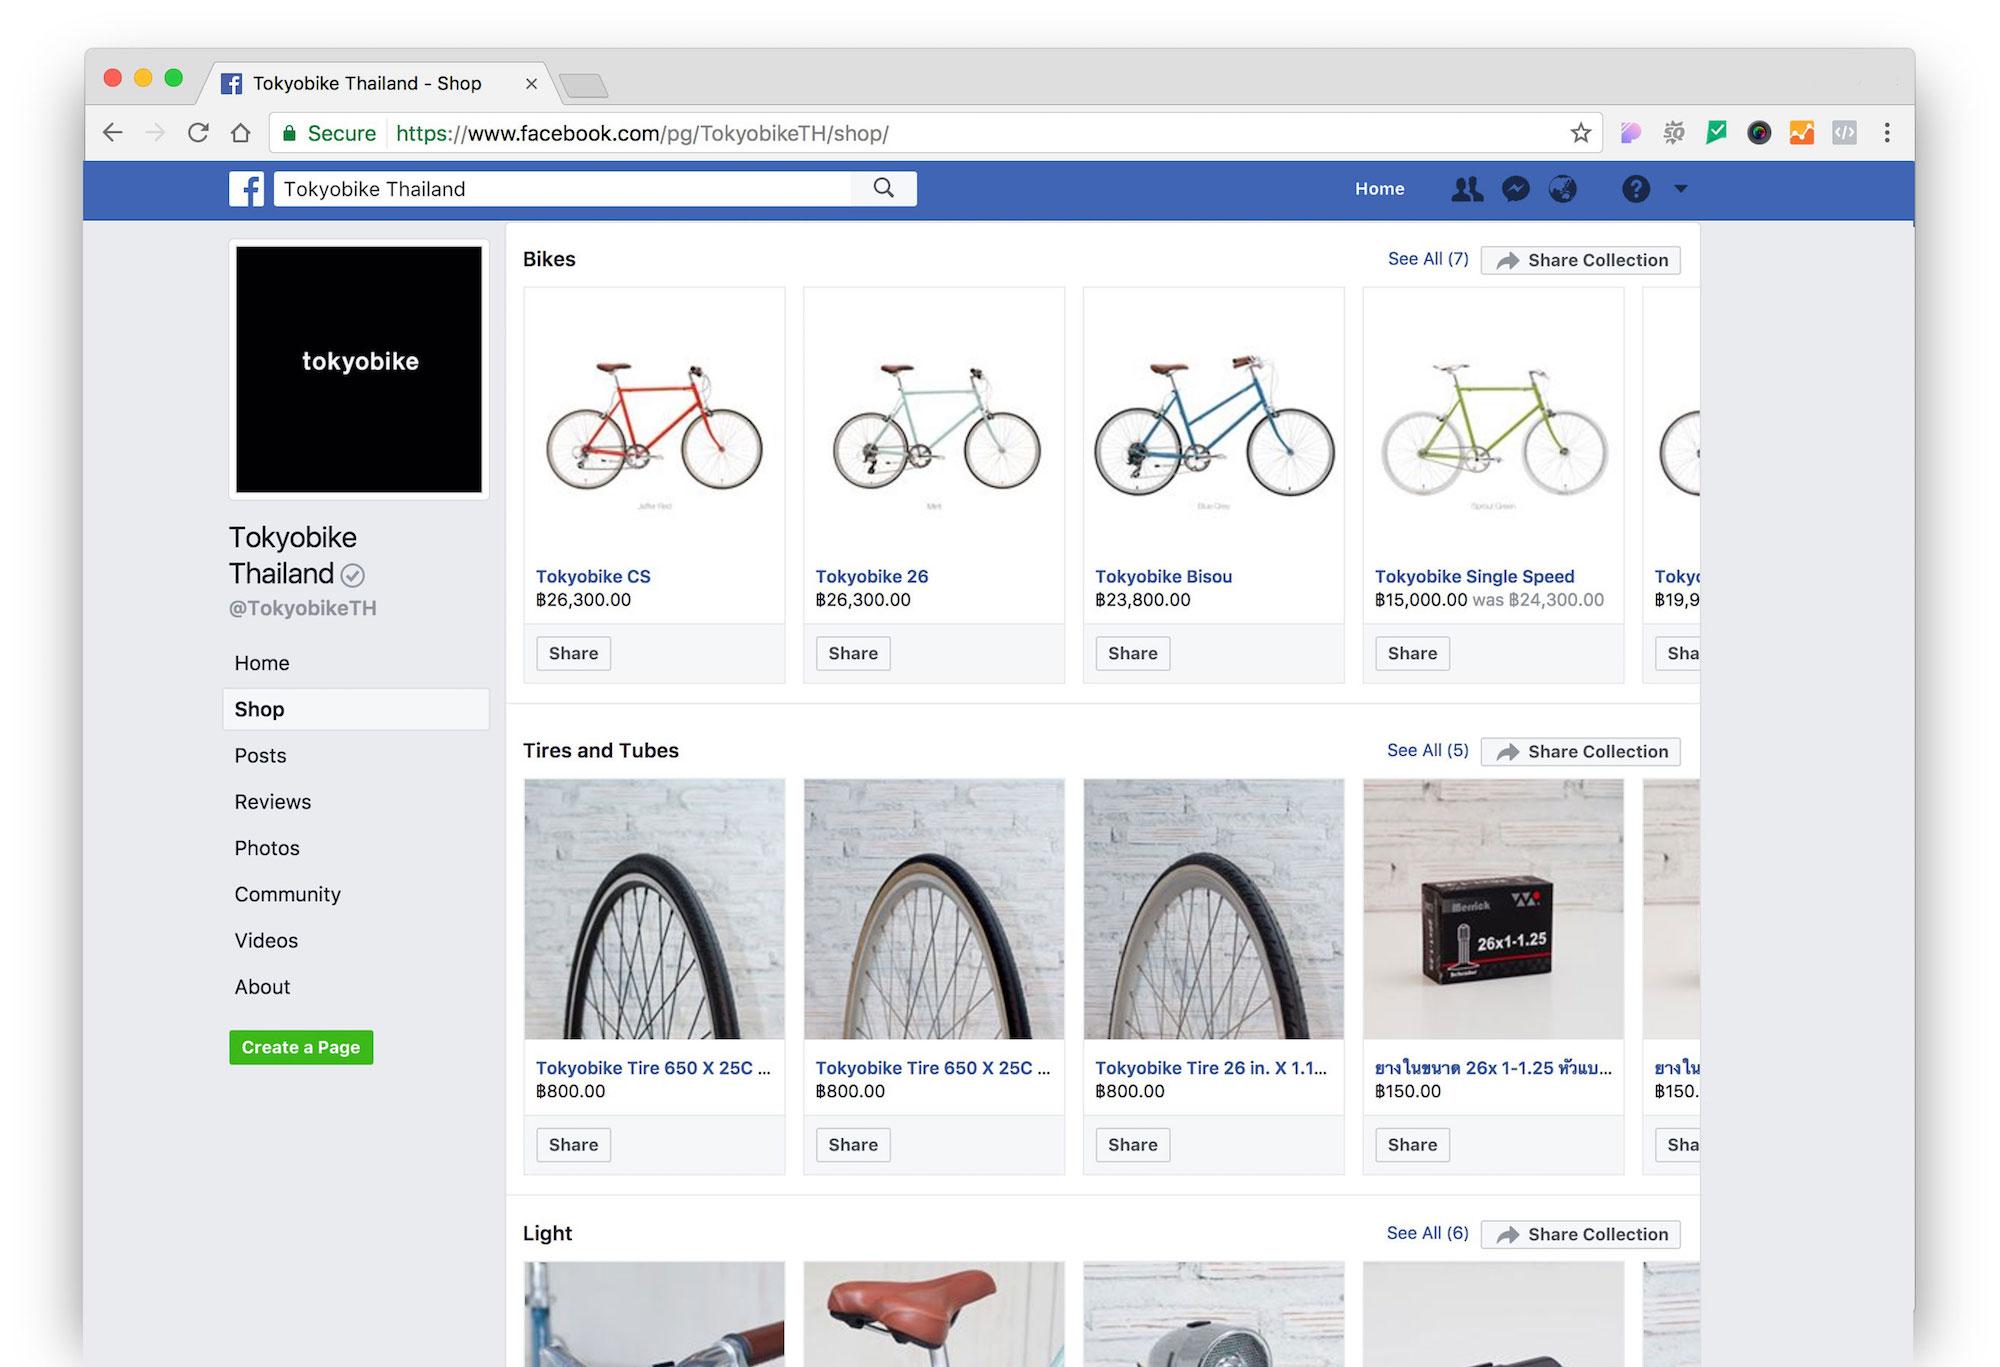 ร้านจักรยาน ออนไลน์ โตเกียวไบค์ เป็น ร้านขายจักรยาน และ อุปกรณ์ จักรยาน บน facebook